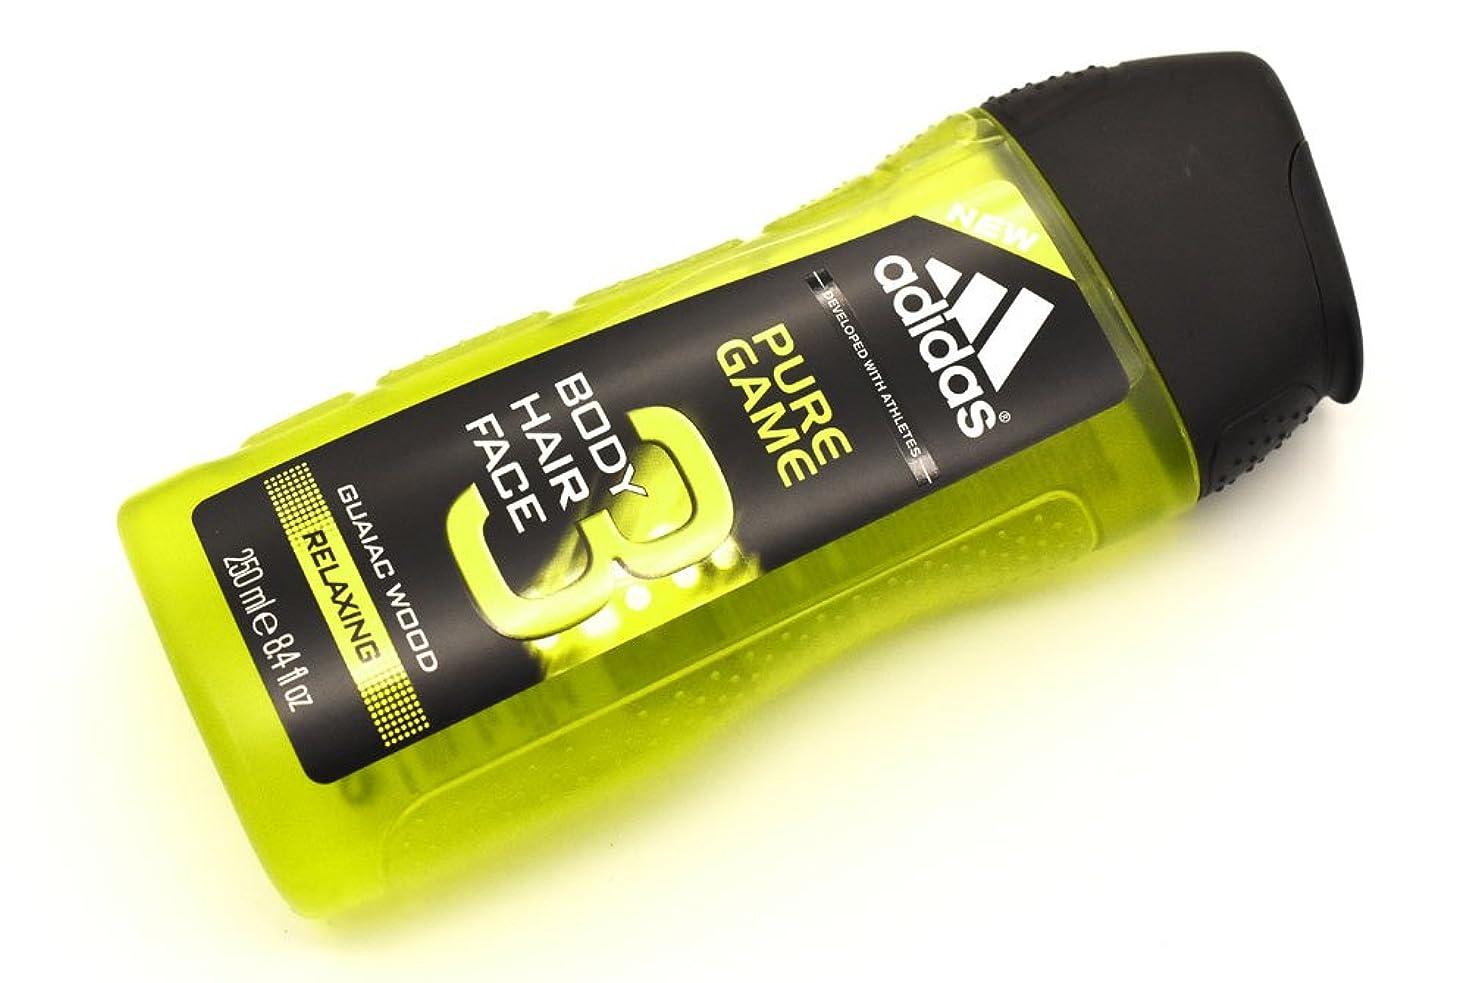 排泄するに対してファウルadidas PURE GAME 3in1 shower gel アディダス ボディーソープ ピュア?ゲーム ボディー&ヘアー&フェイス 3in1 シャワージェル 250ml クリアケース 日本未発売 並行輸入